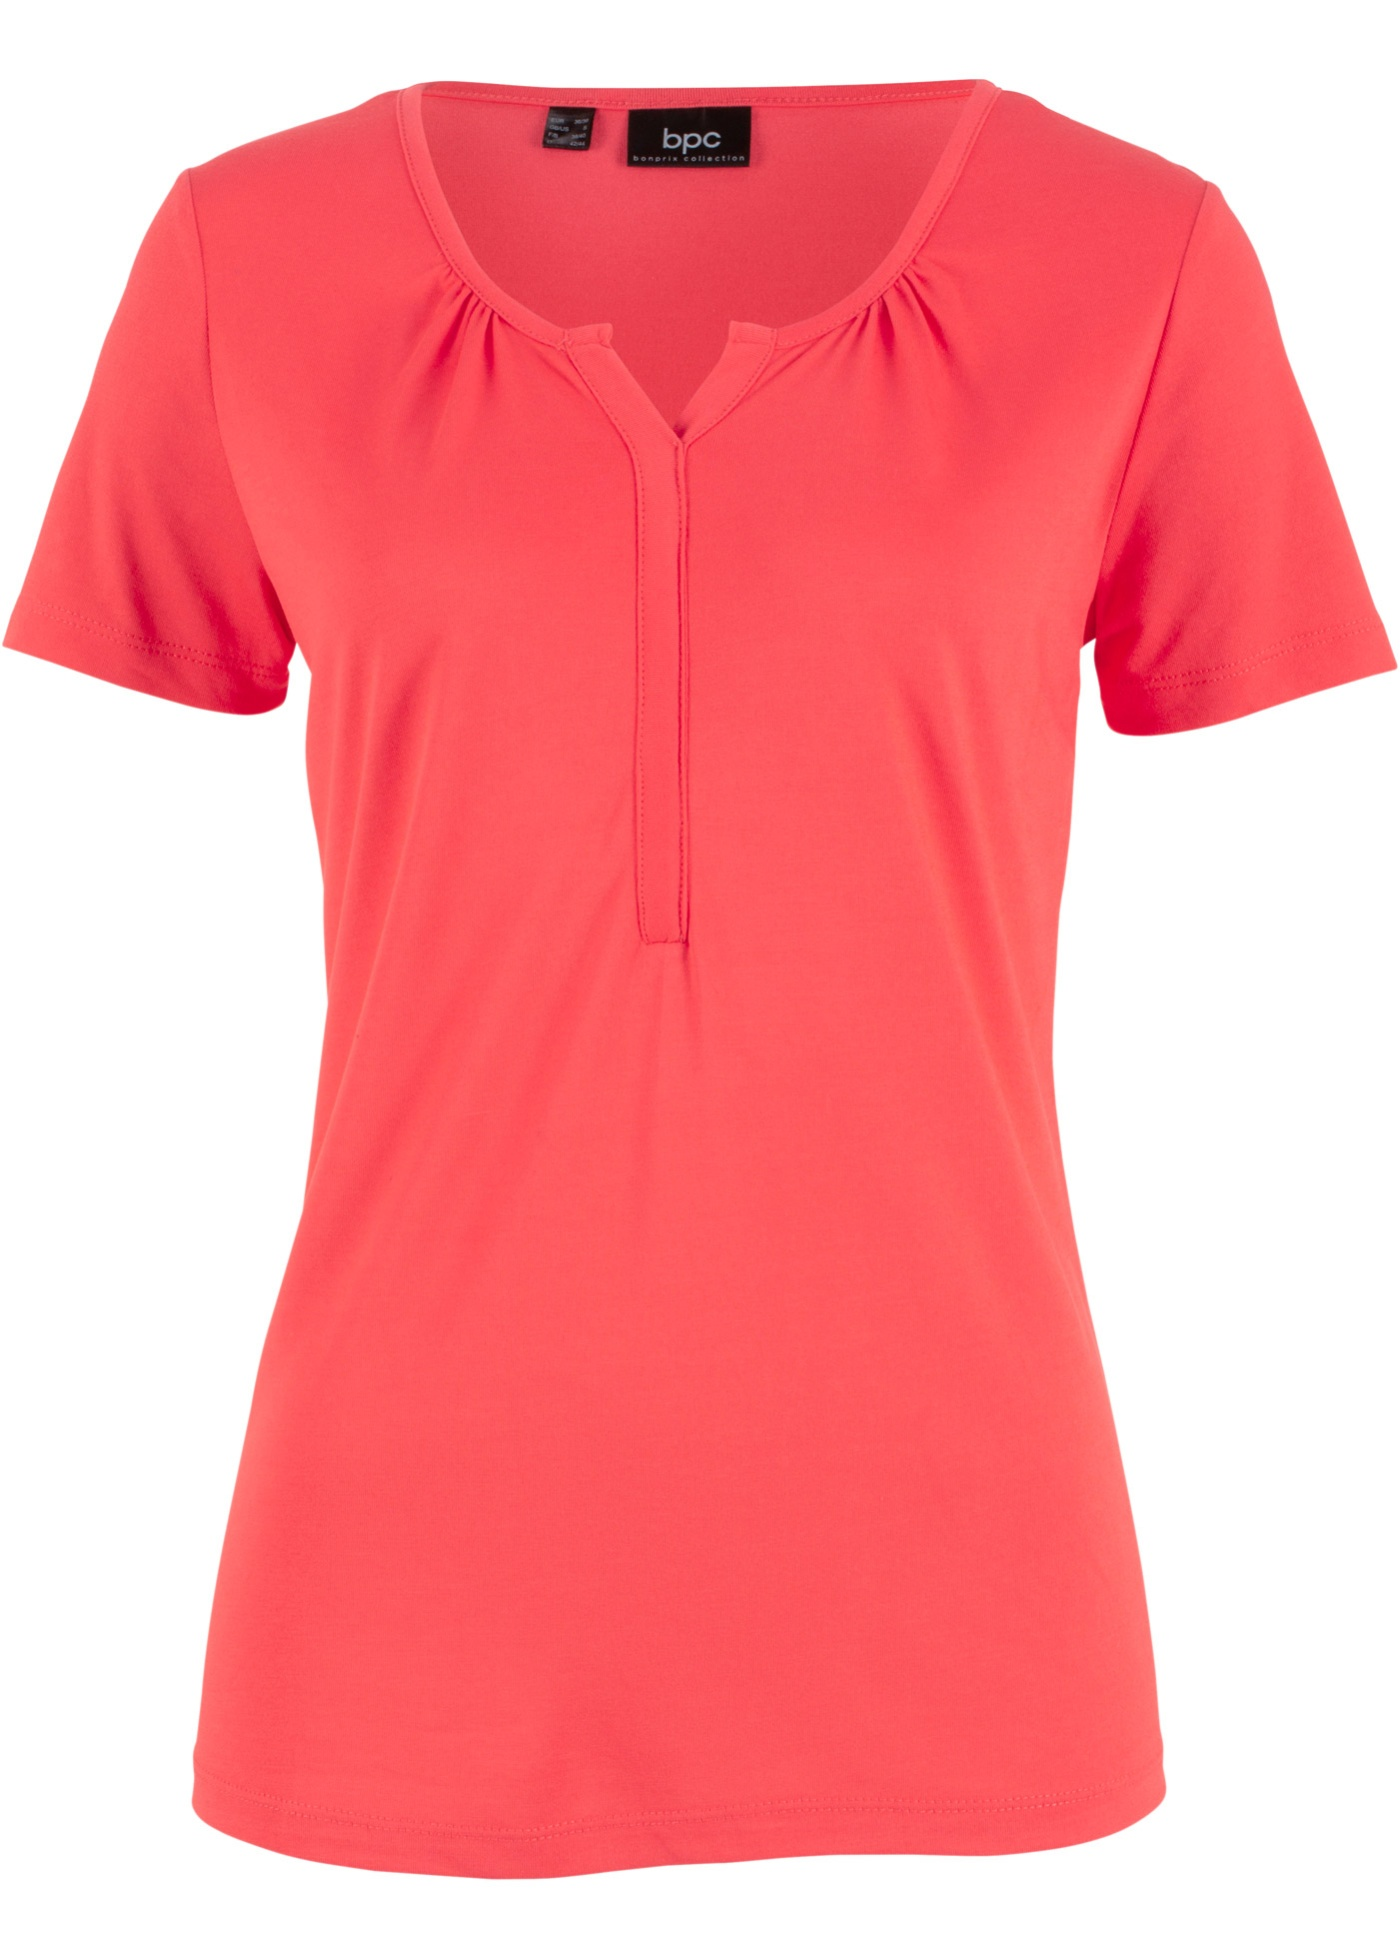 Pour De Patte Fluide Modal Manches Bonprix En Boutonnage CollectionT Bpc Femme Courtes Mélange Rouge shirt À uTF5J3lcK1